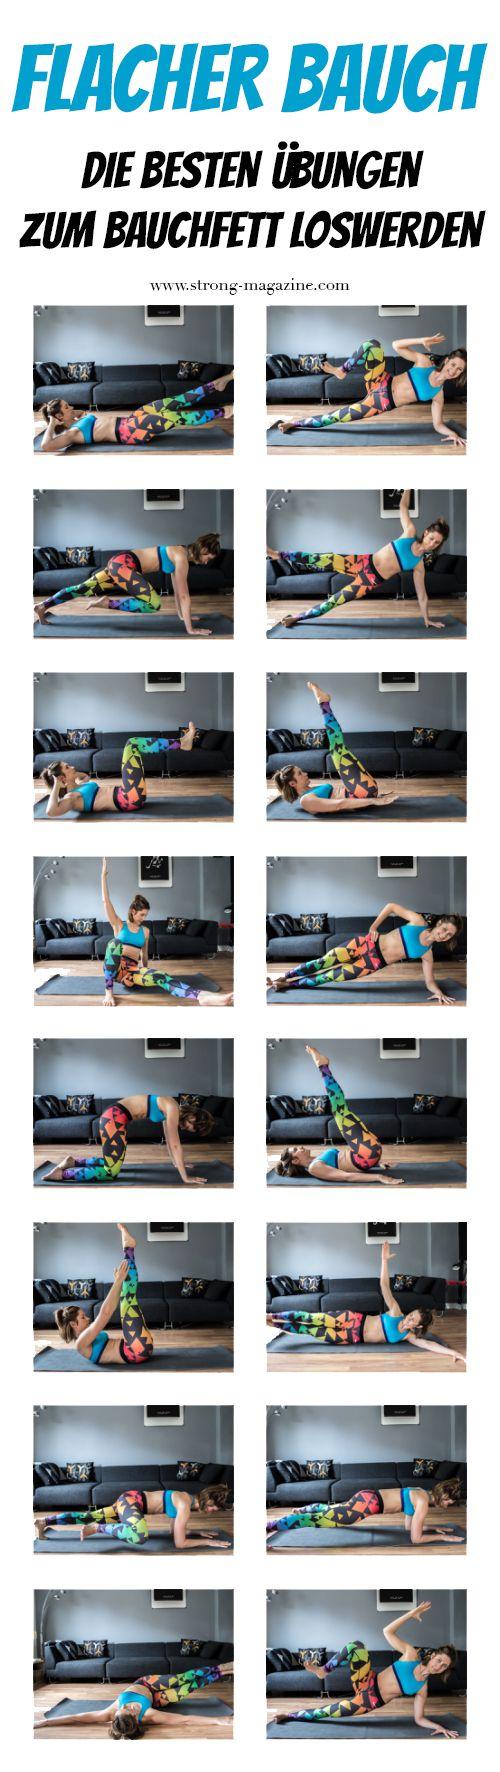 Flacher Bauch - die besten Übungen zum Bauchfett verlieren für Zuhause.